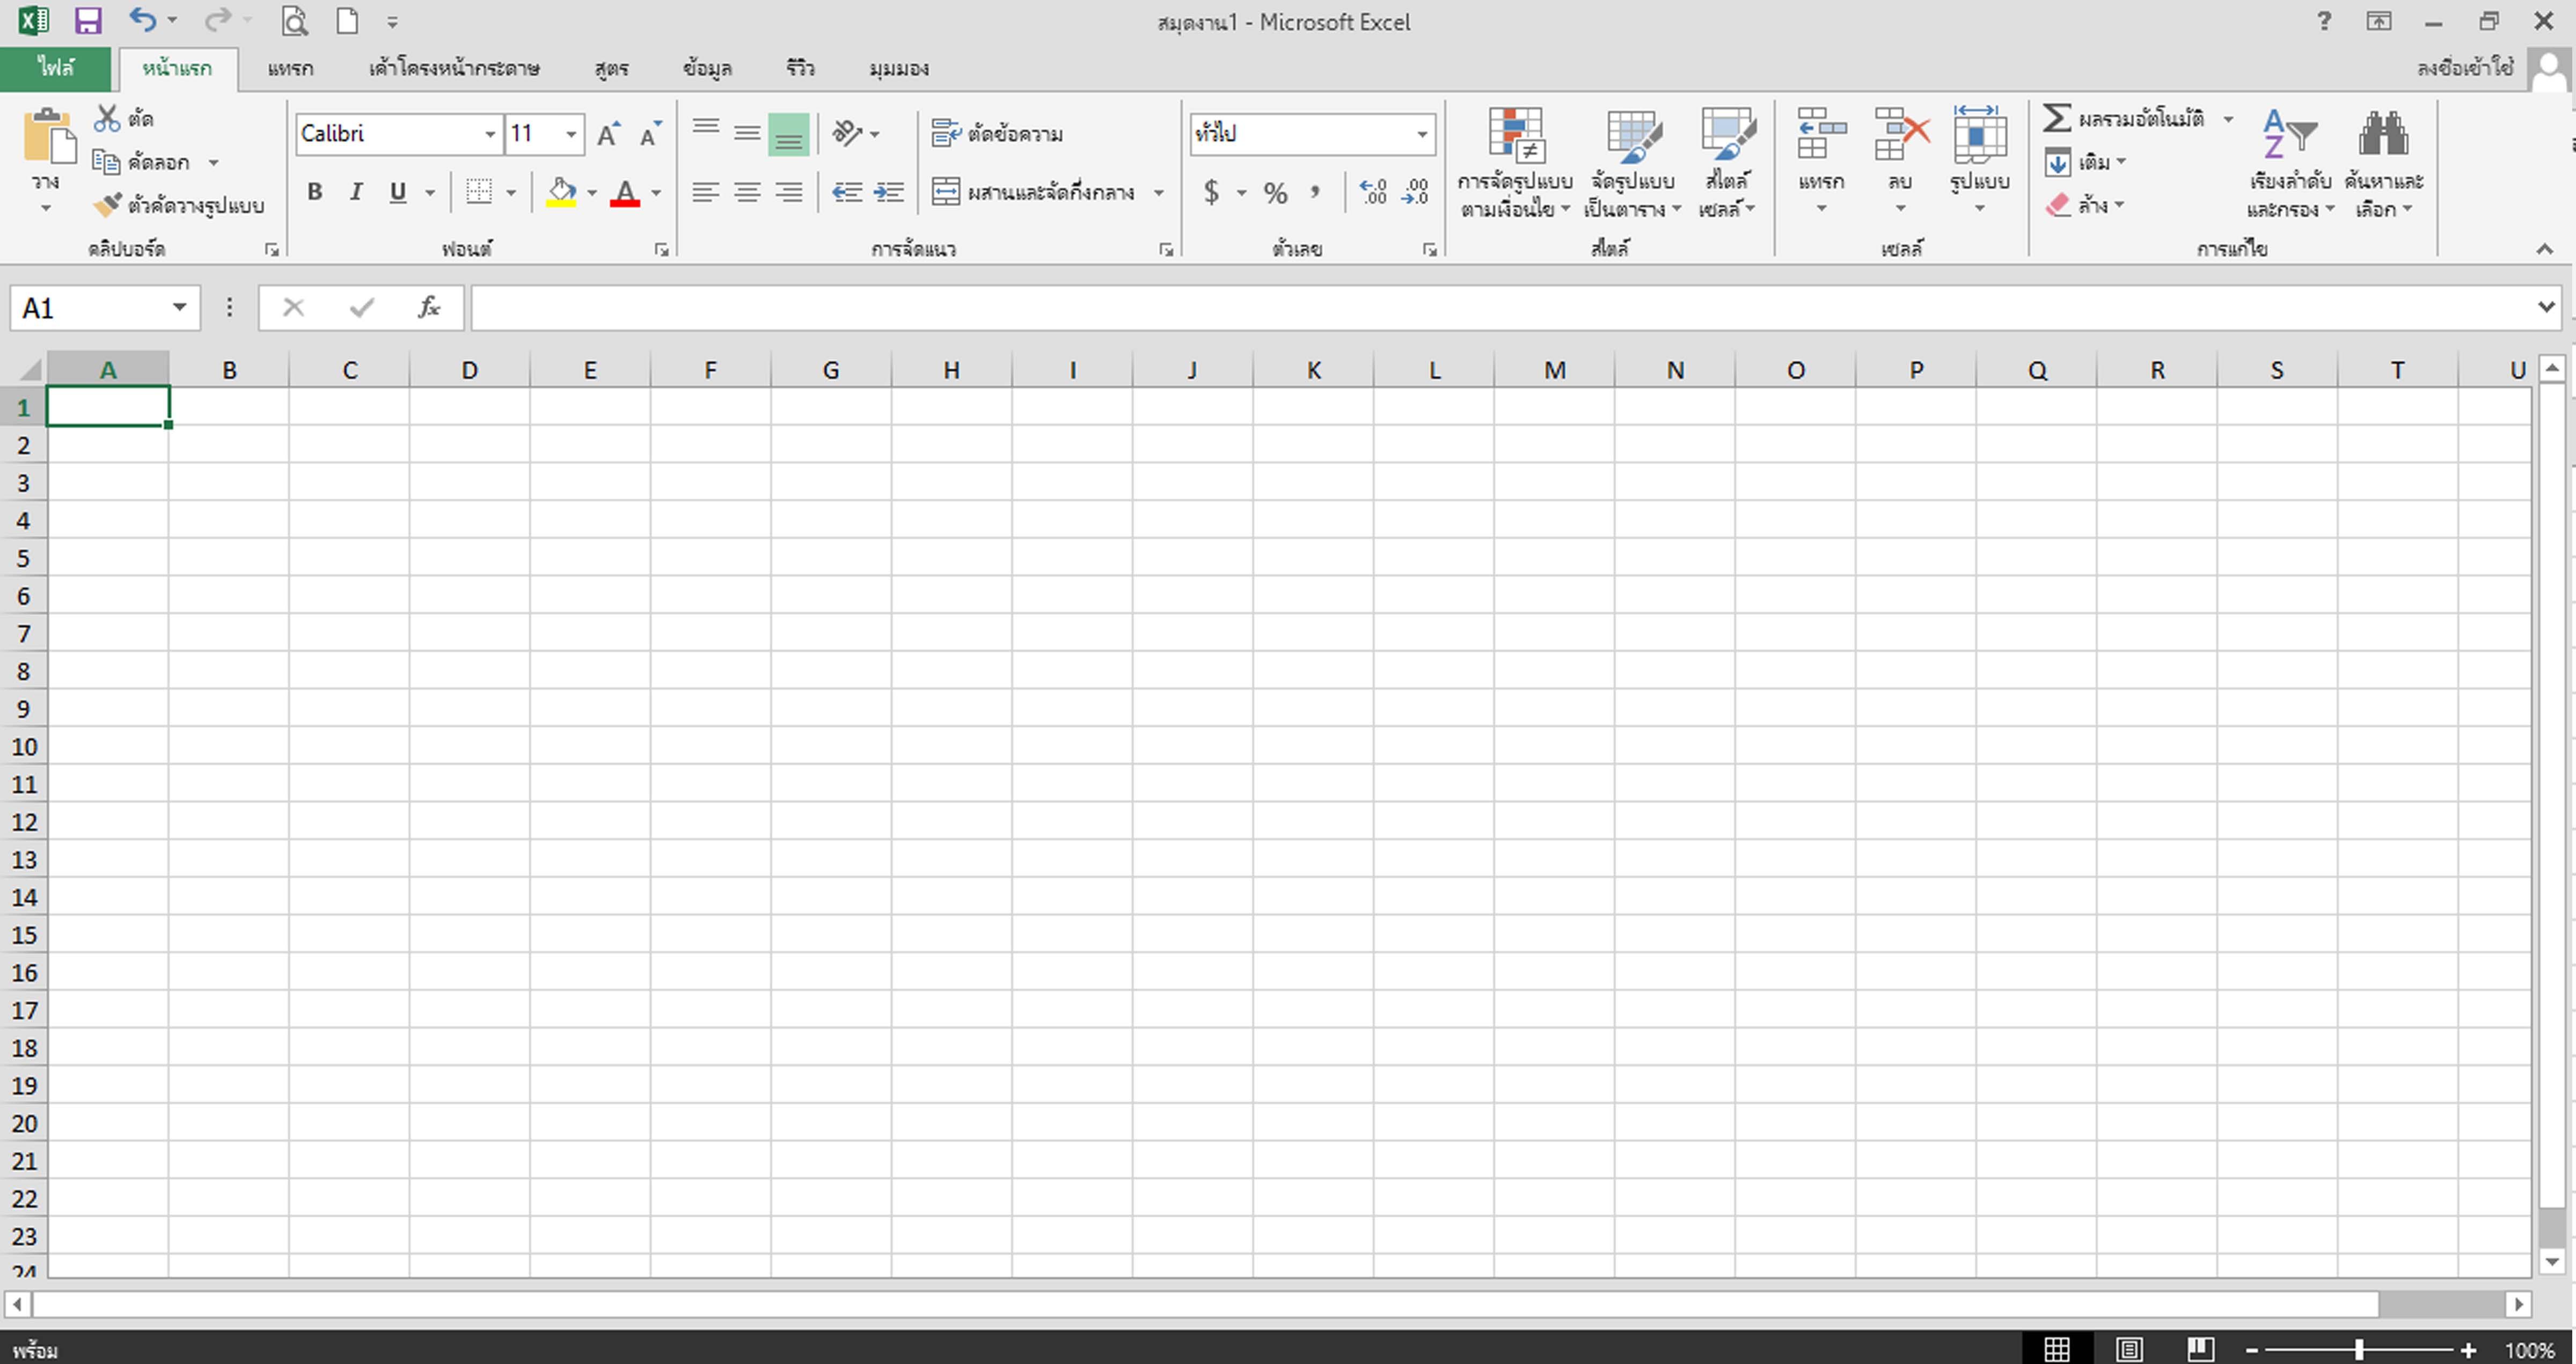 tab sheet ใน excel หายไป